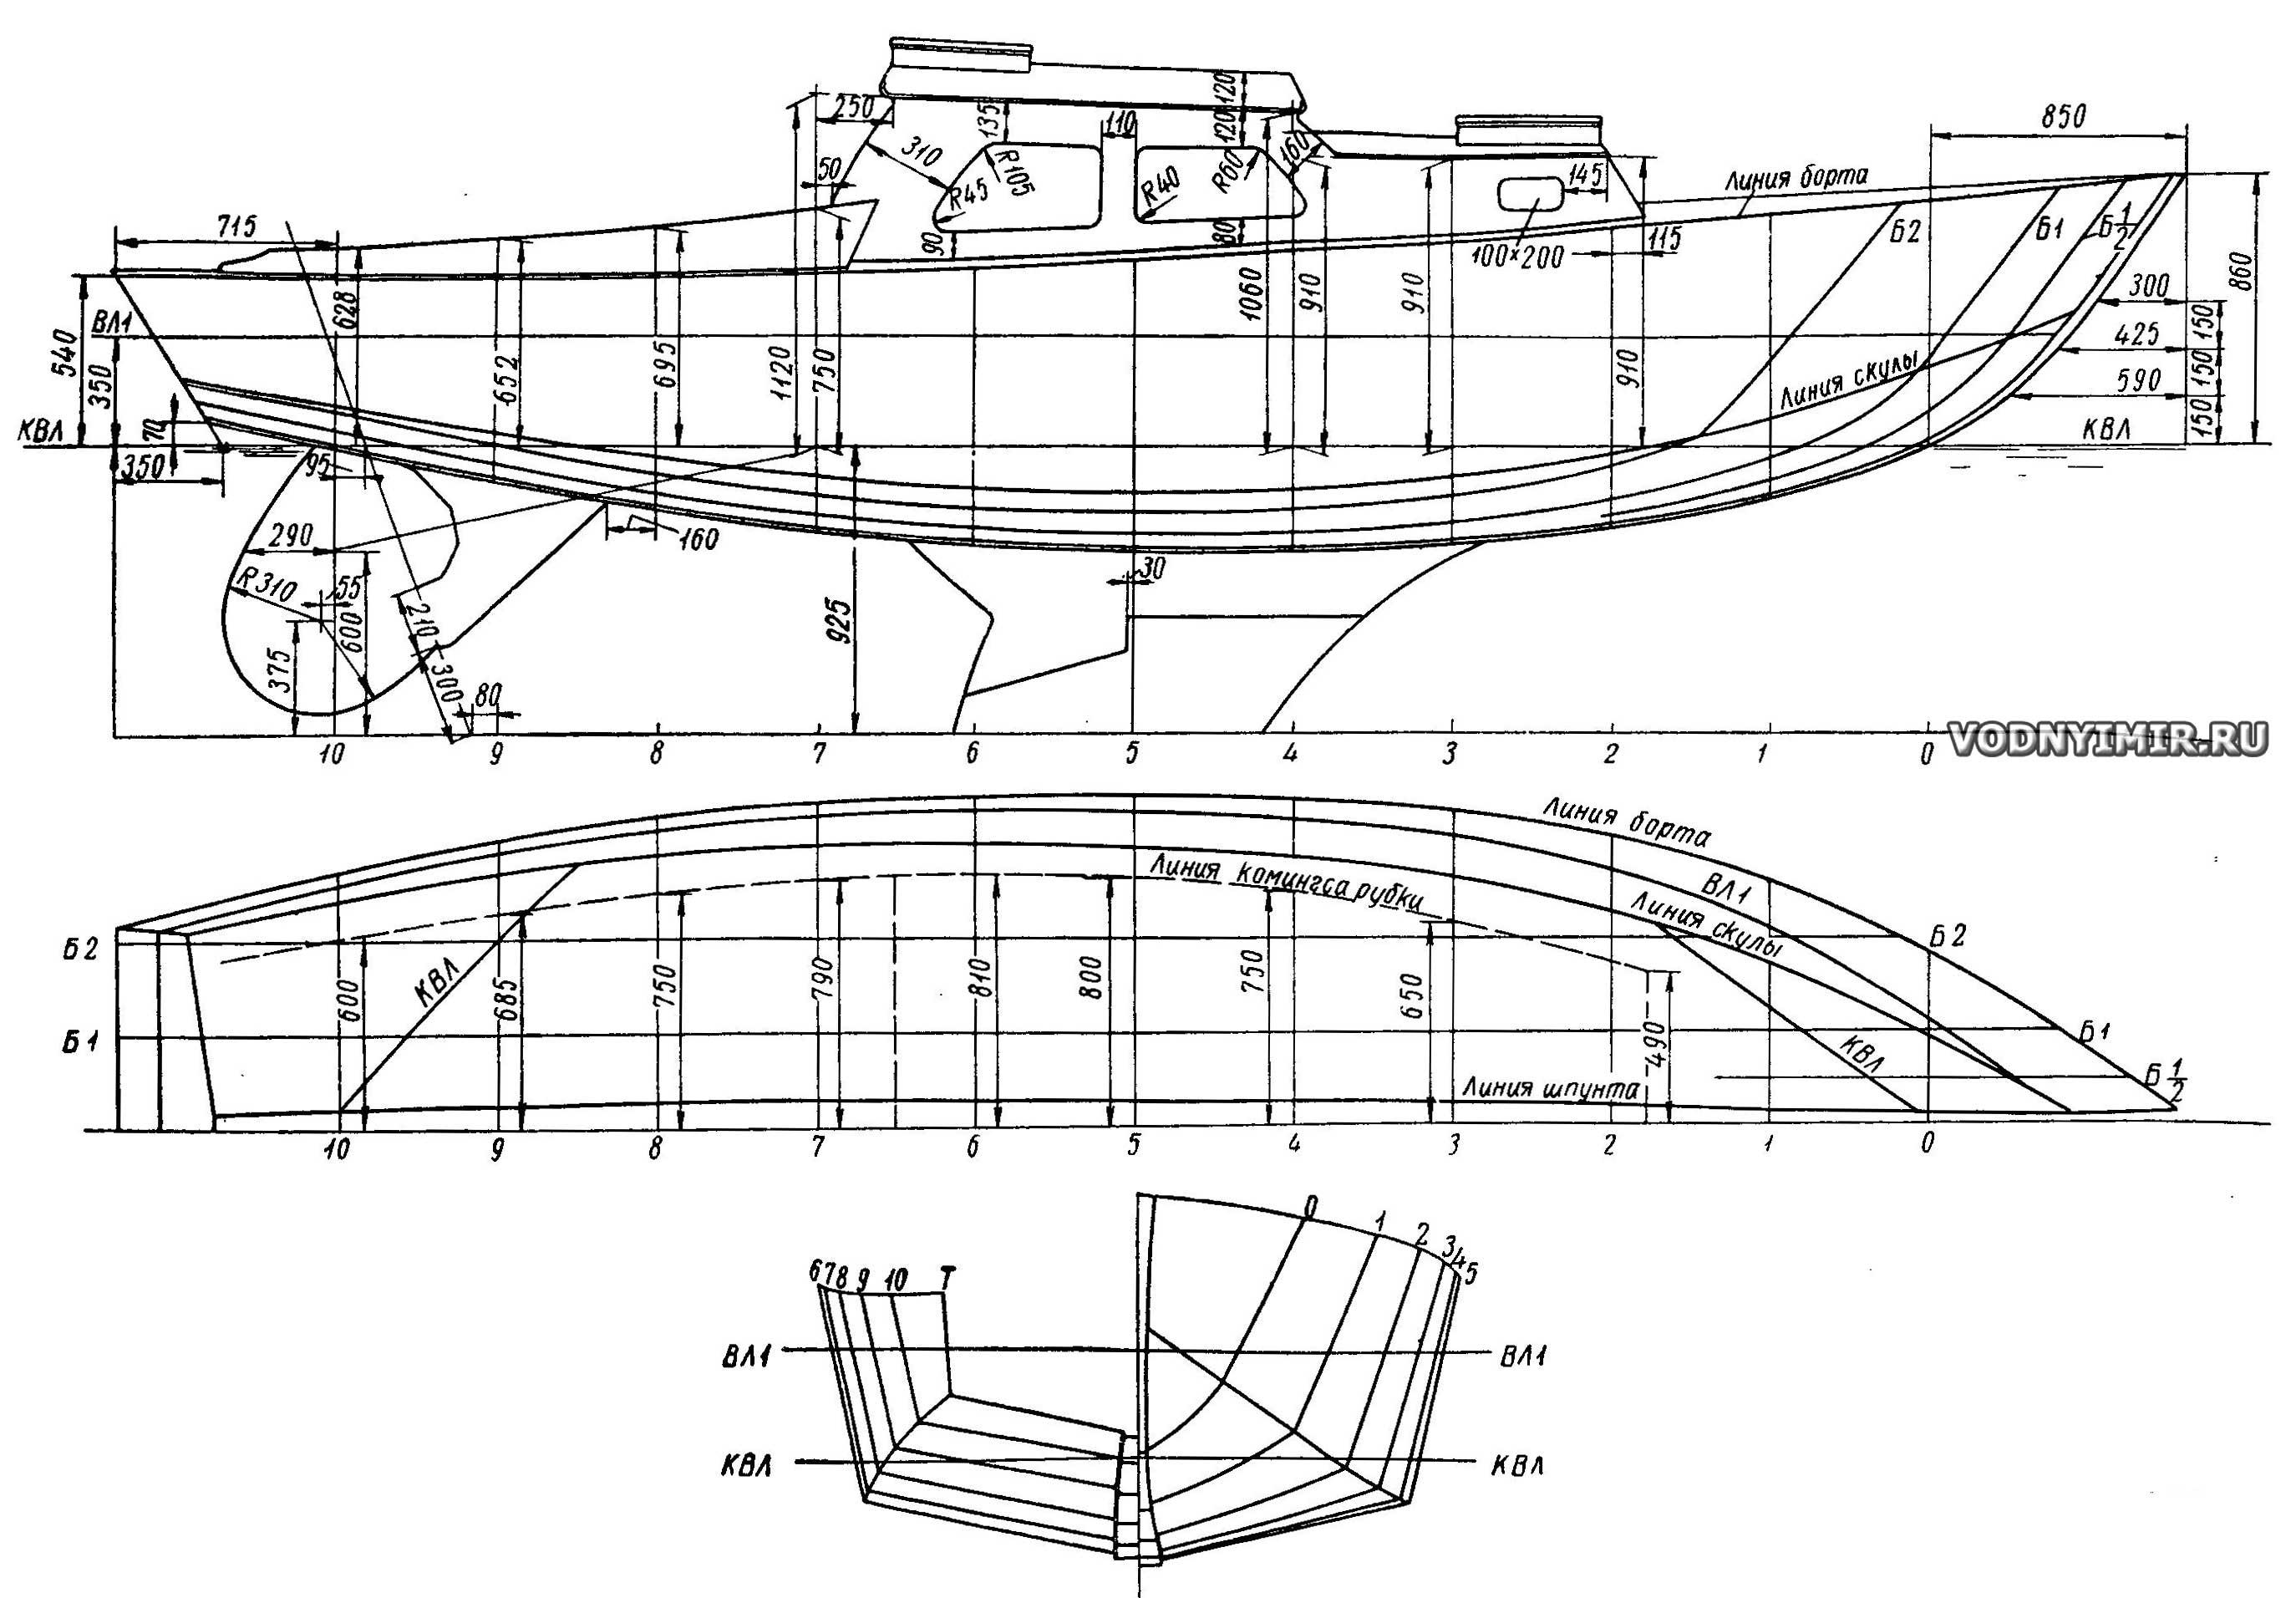 Наборы для самостоятельной постройки лодок, катеров и яхт из фанеры и алюминия